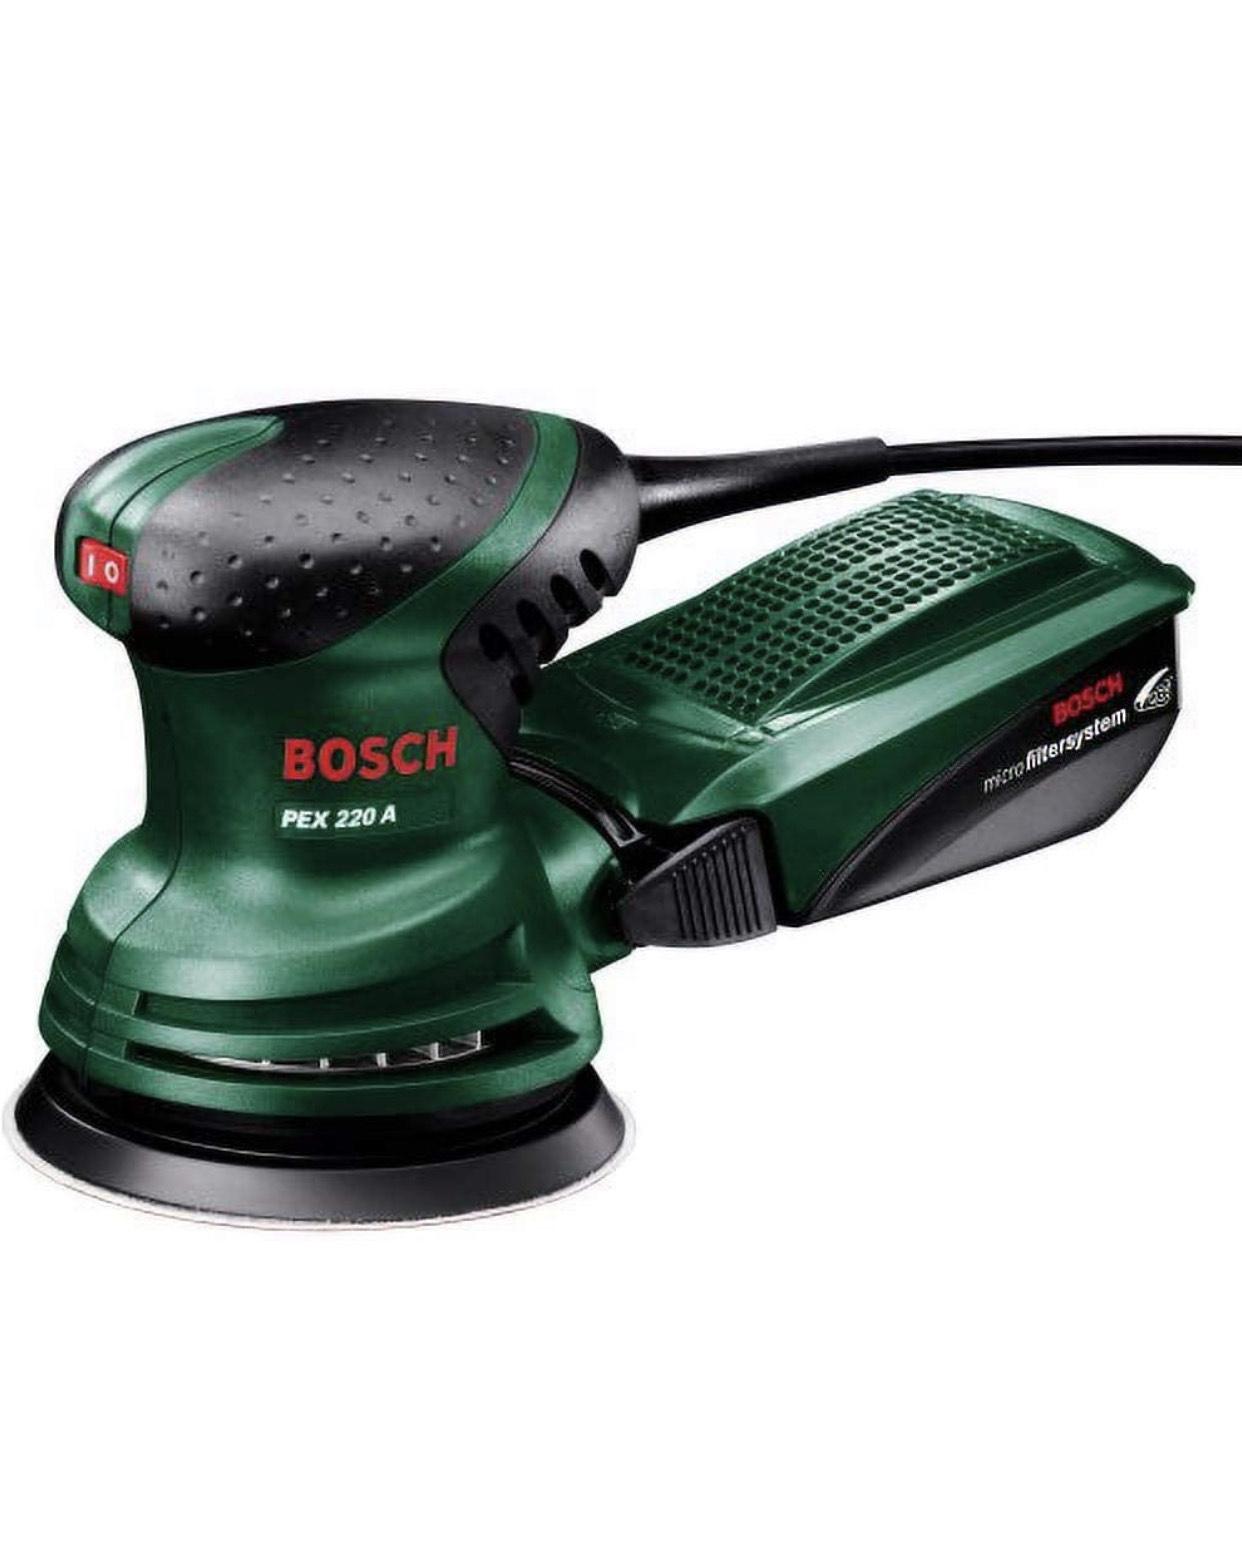 Bosch PEX 220 A Random Orbit Sander £30.99 at Amazon